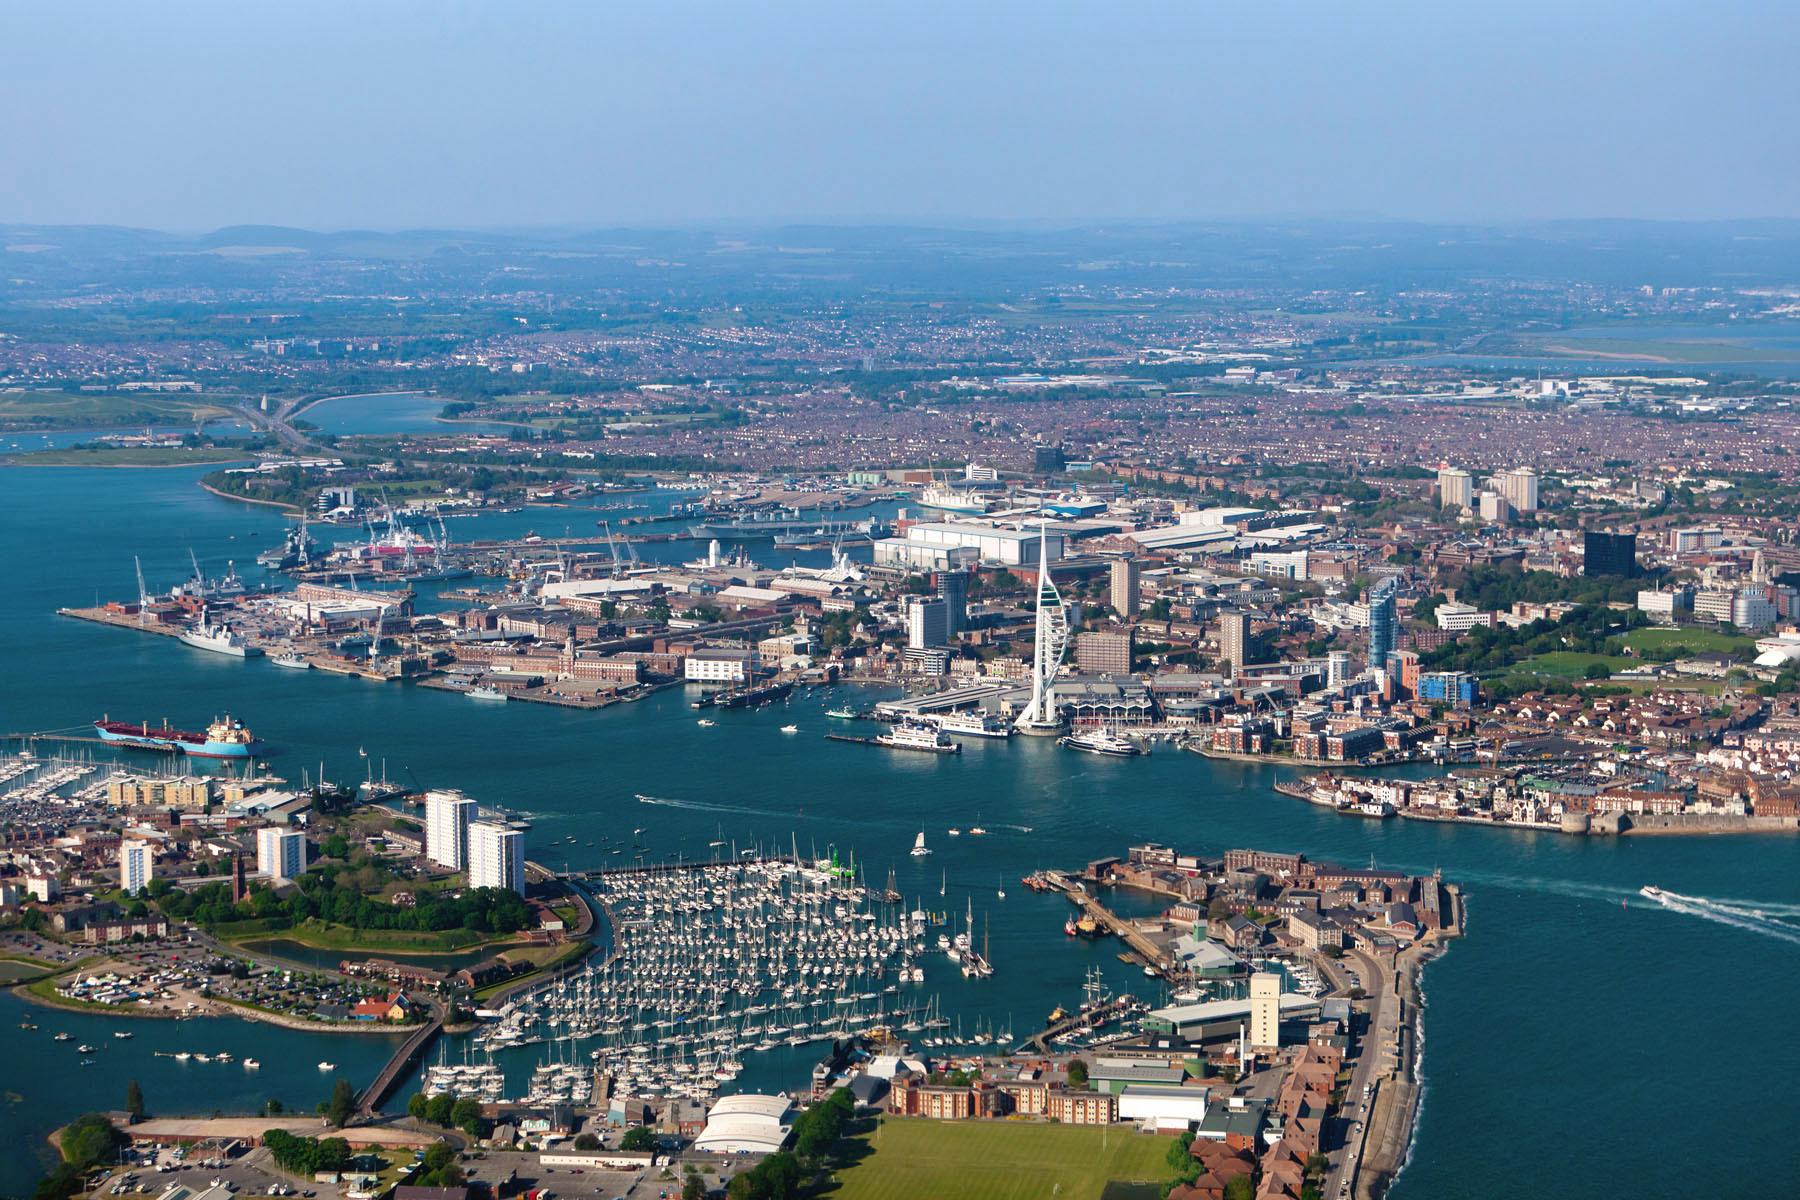 Portsmouth, Hampshire, England